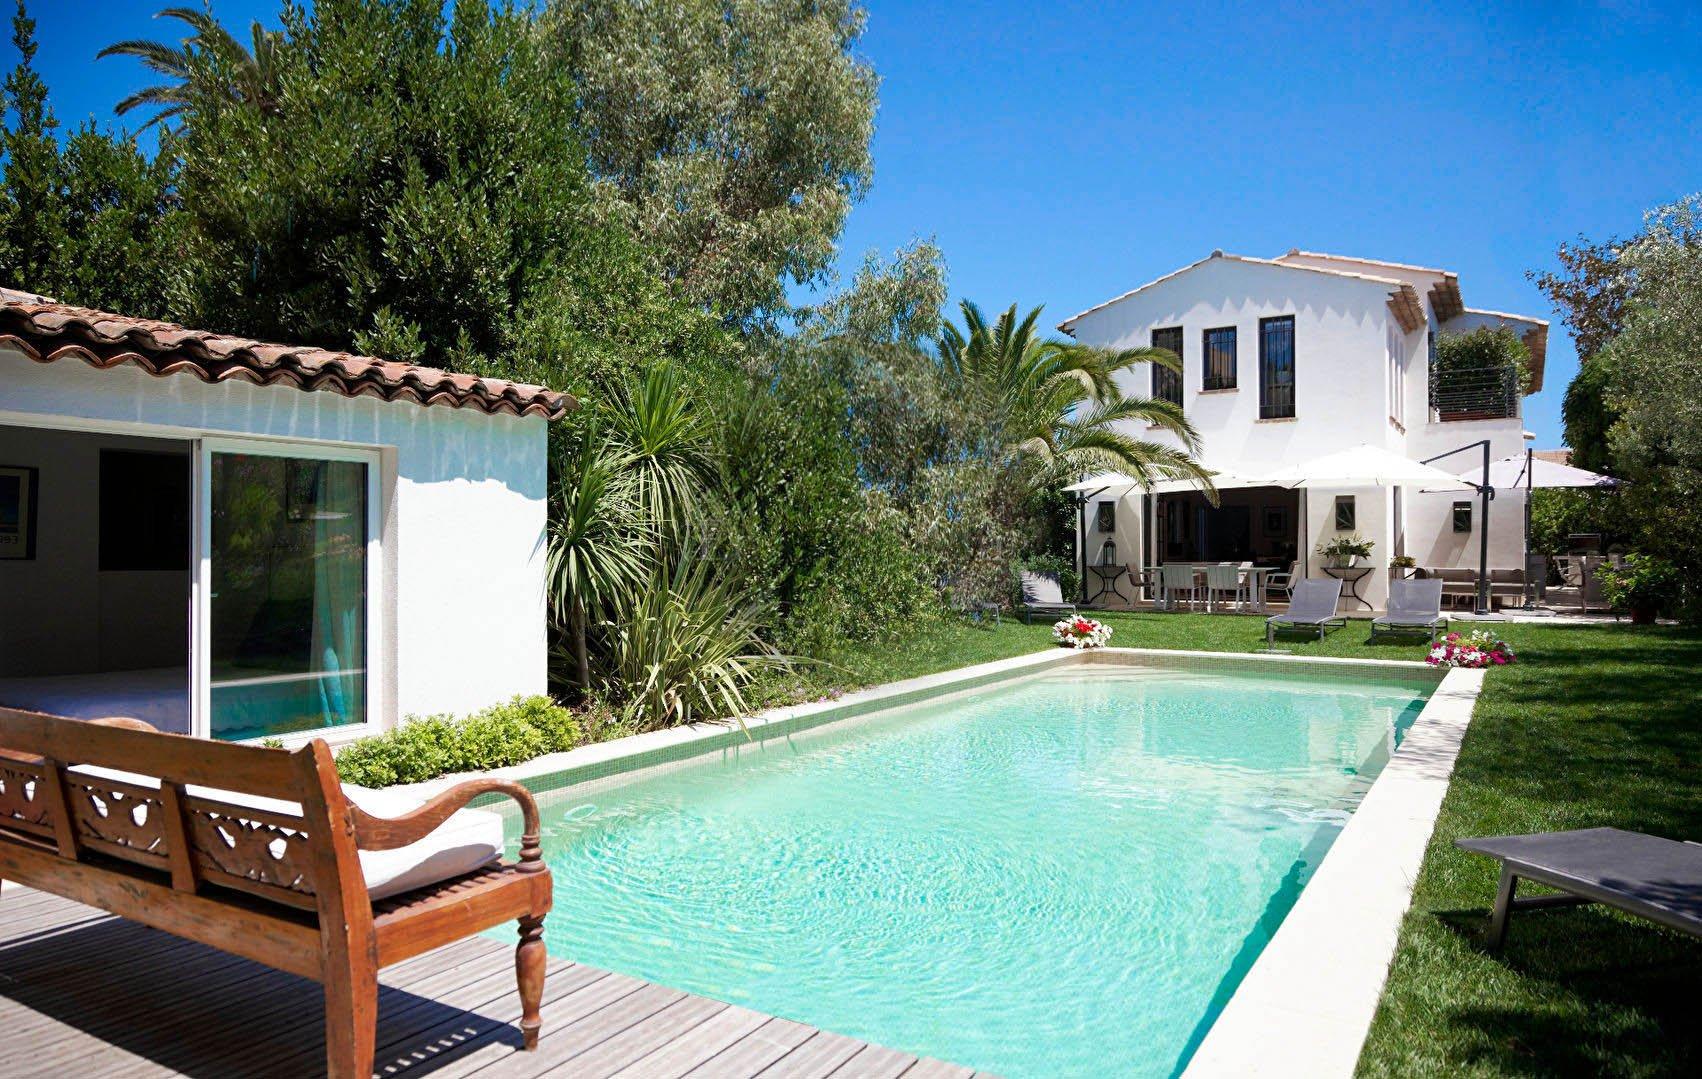 SAINT TROPEZ Village , Villa rénovée avec jardin et piscine